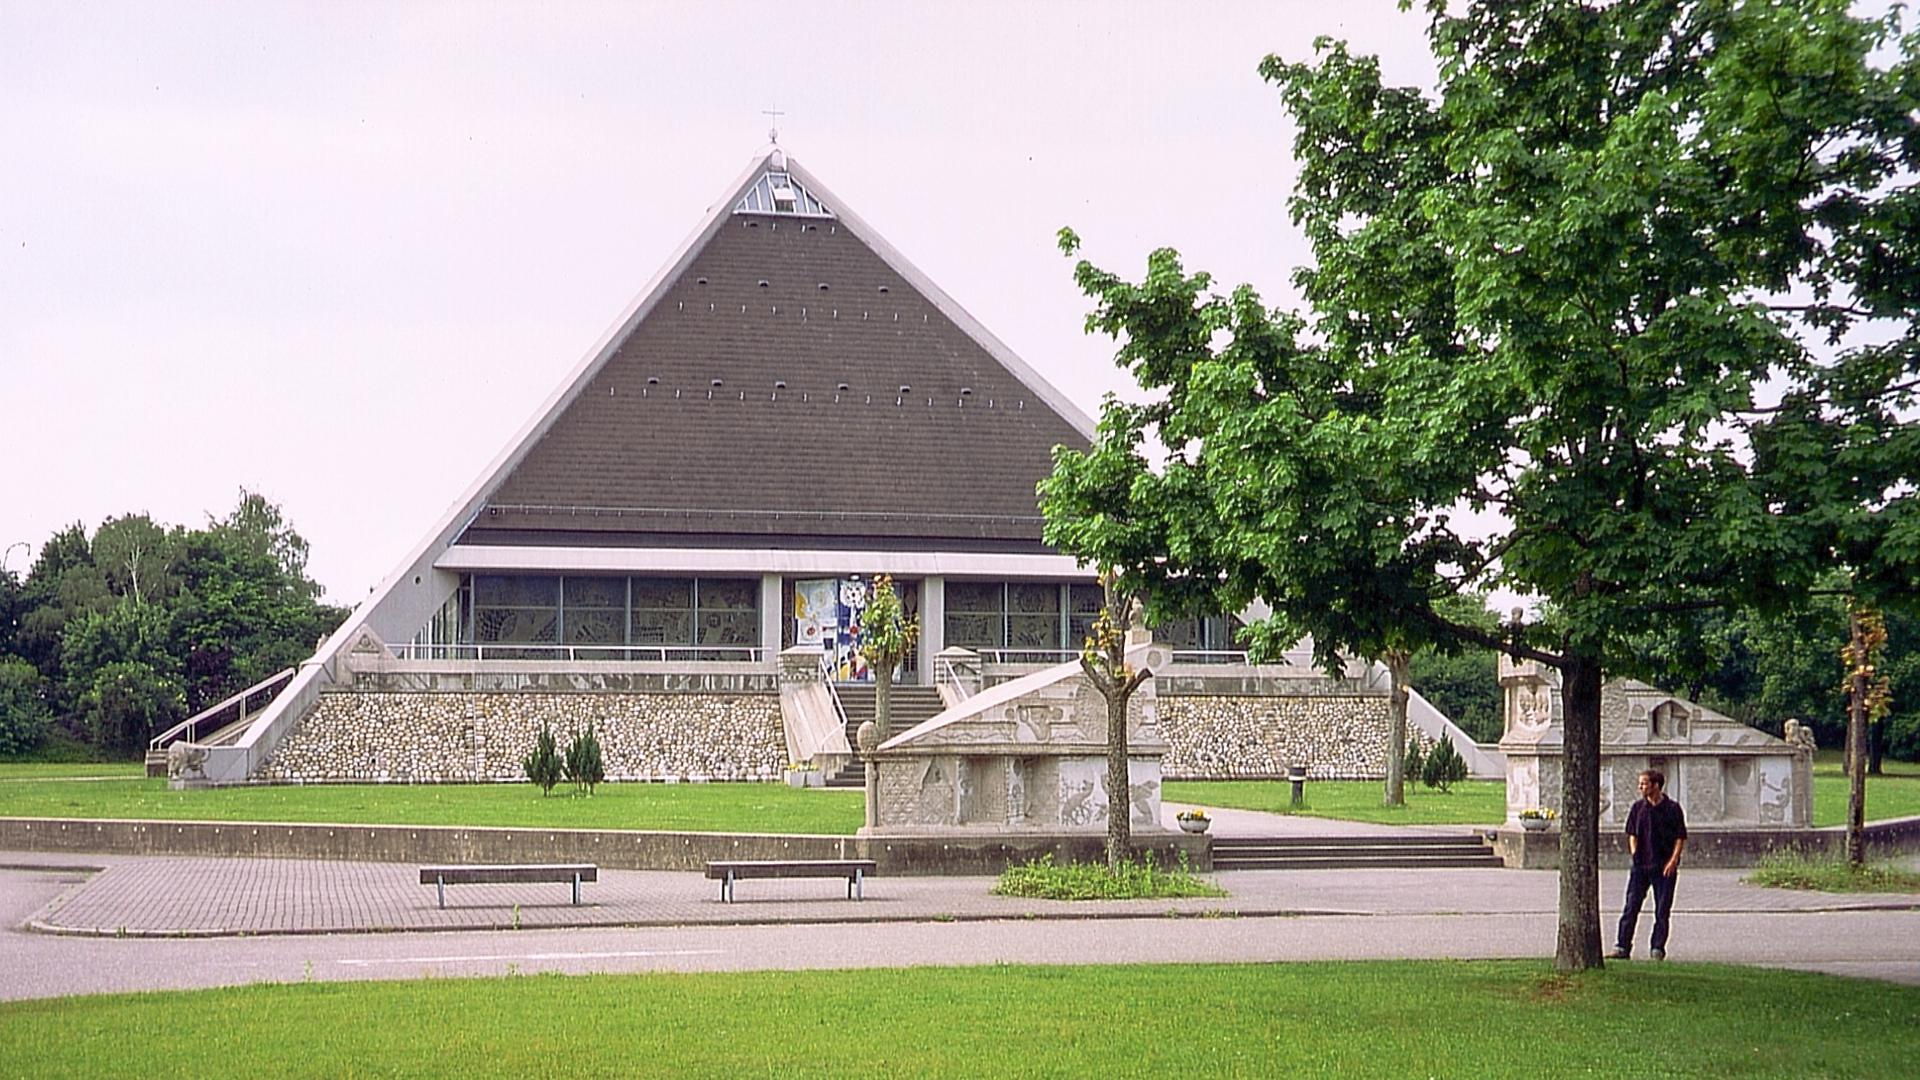 Autobahnkirche Sandweier